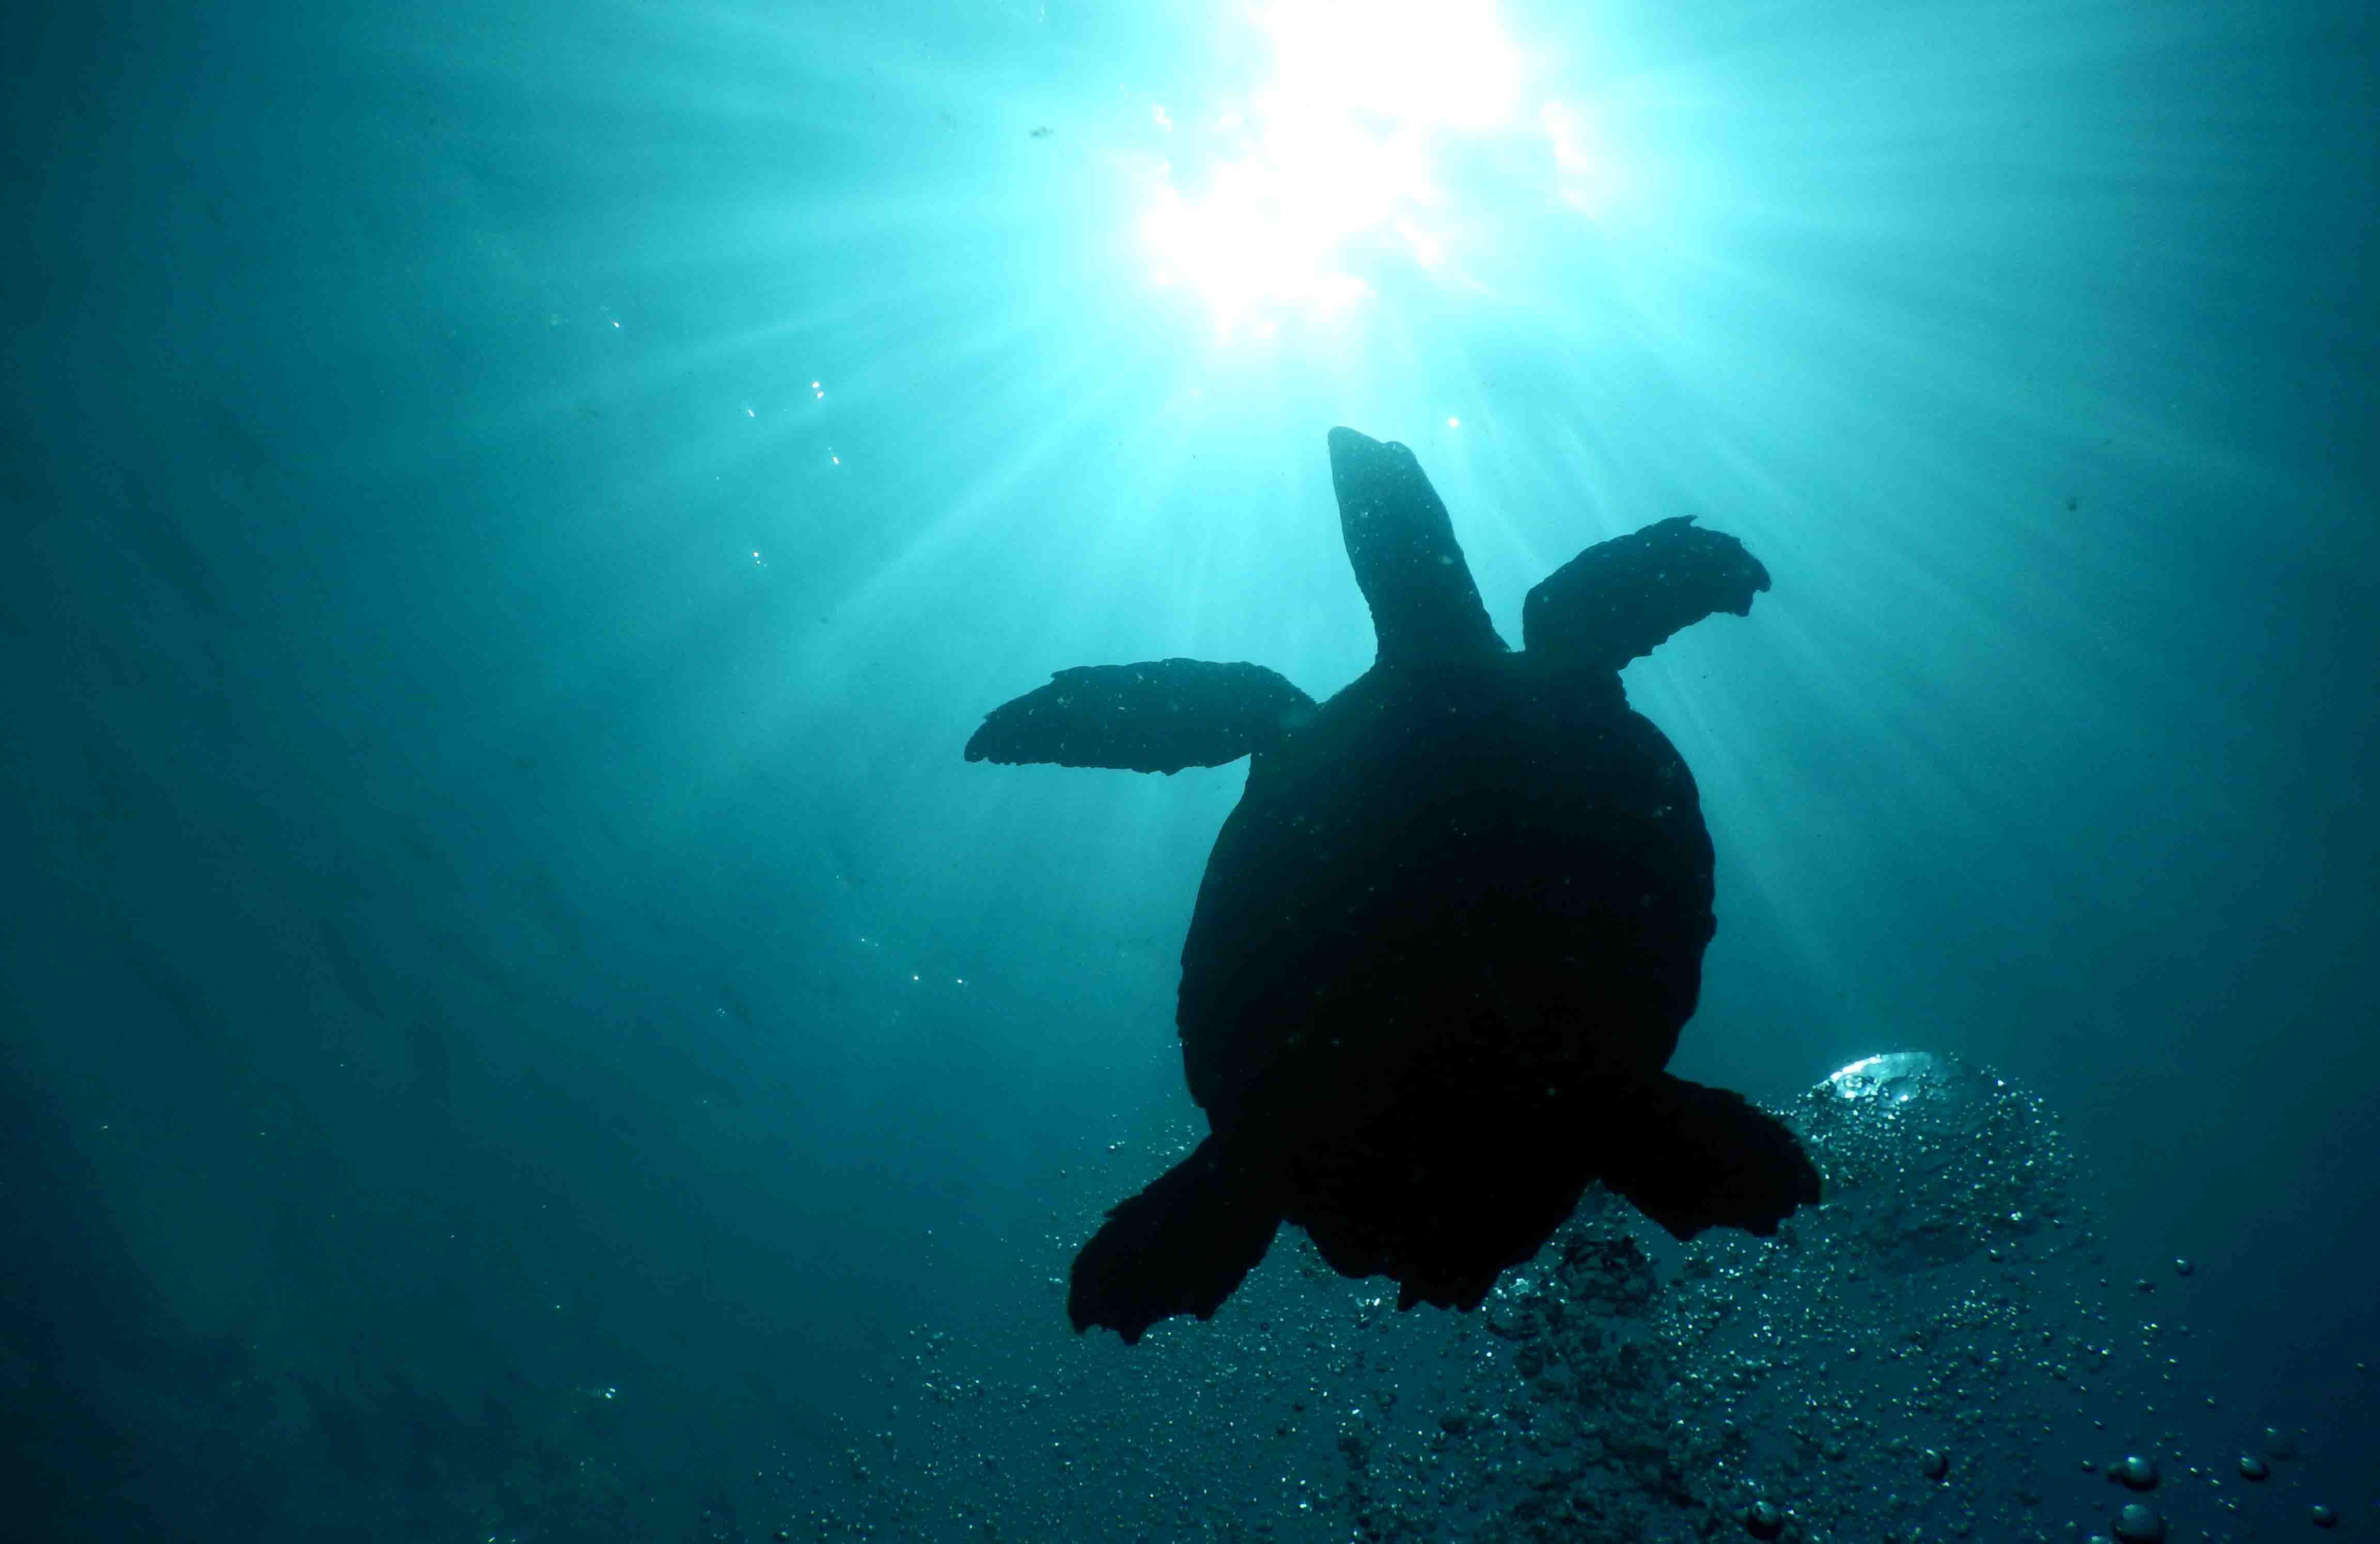 Papagayo Dive Sites 5